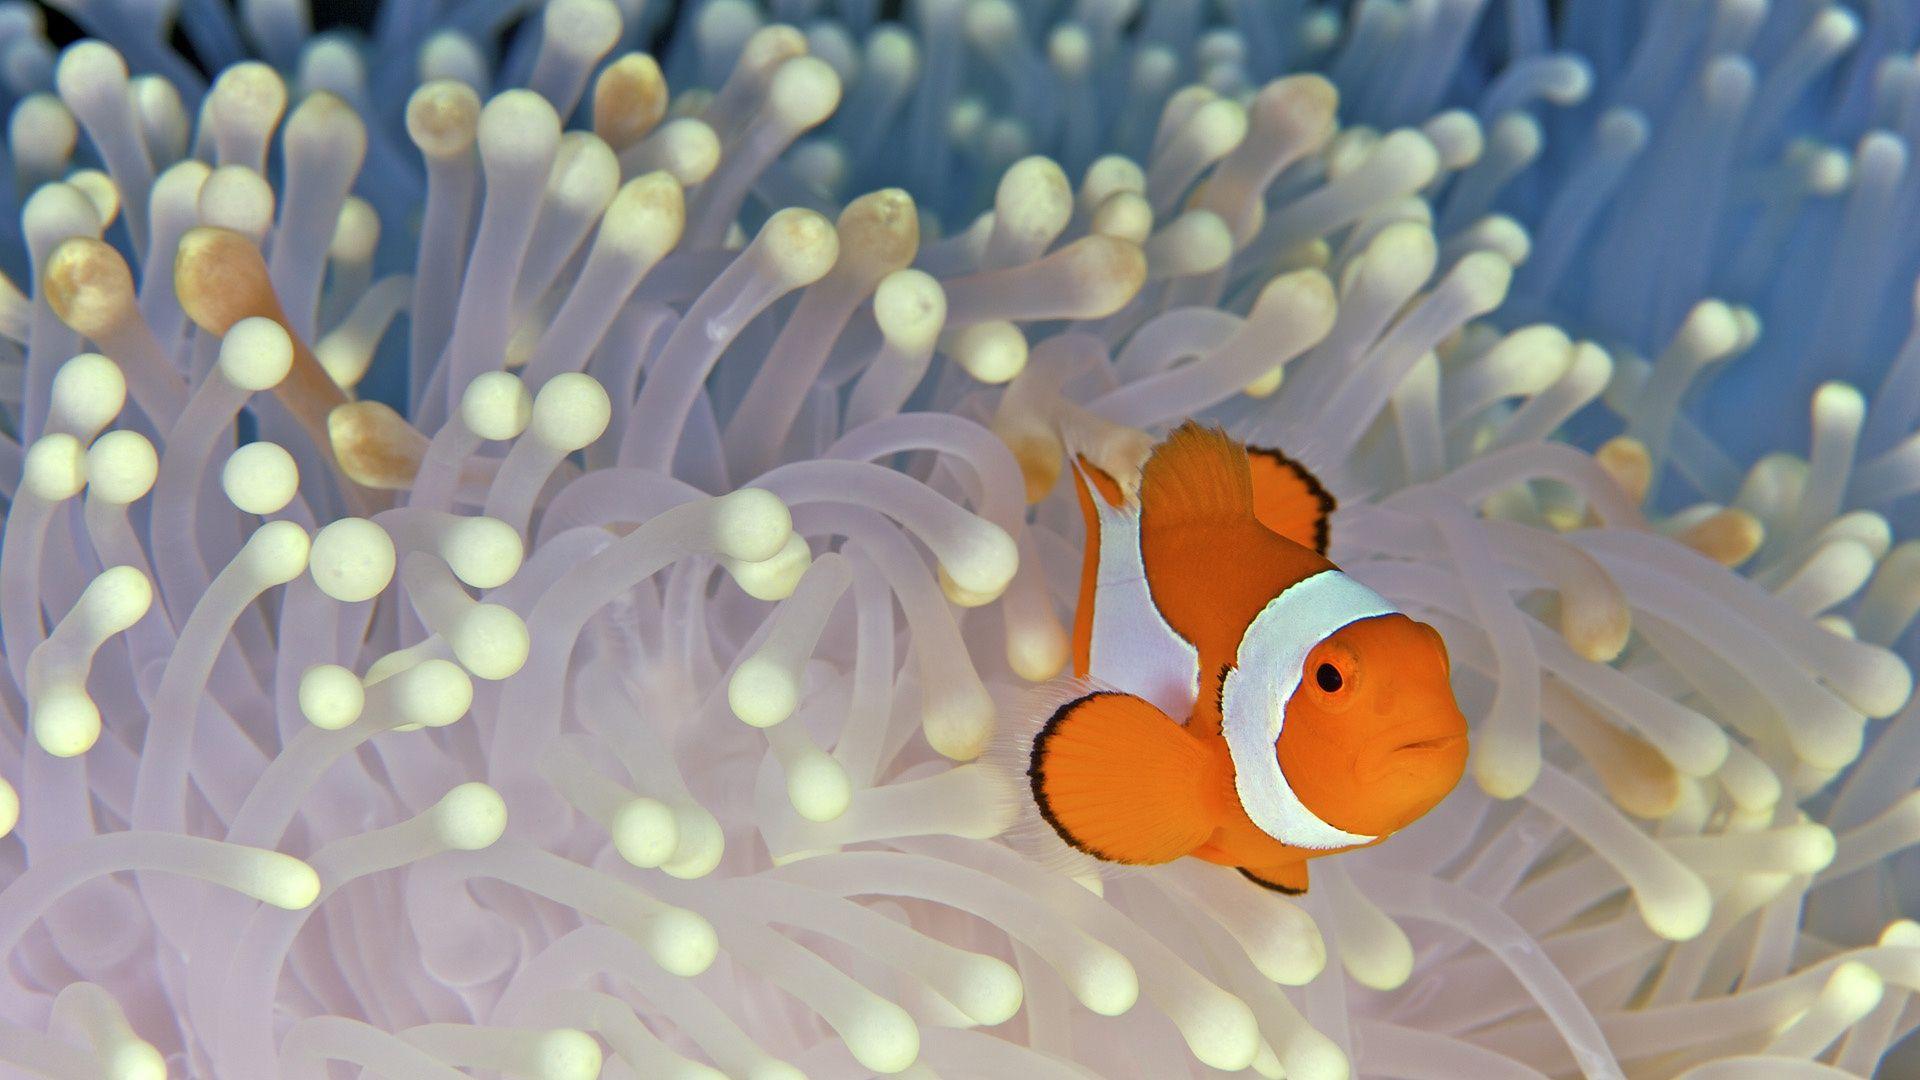 clown fish | Great Clown Fish Wallpaper free HD wallpaper free for ...